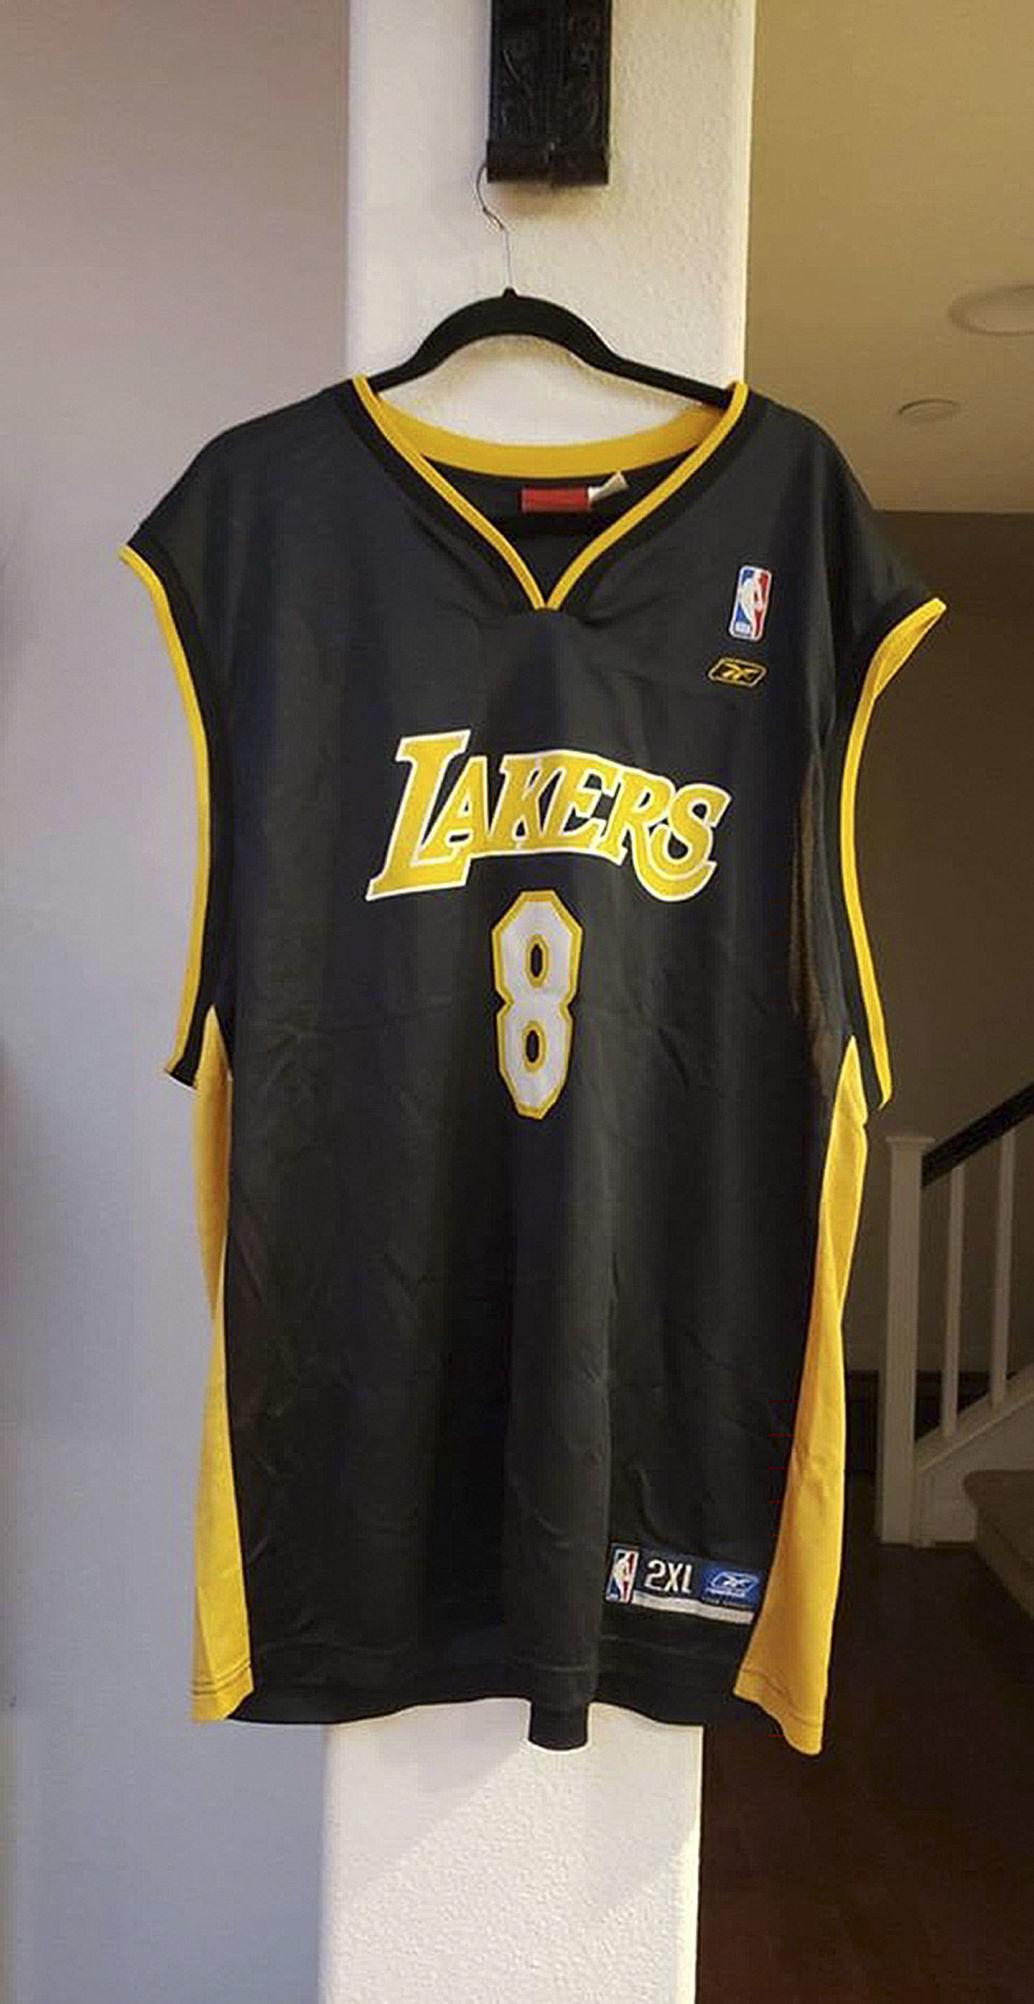 020620 Kobe jersey.jpg